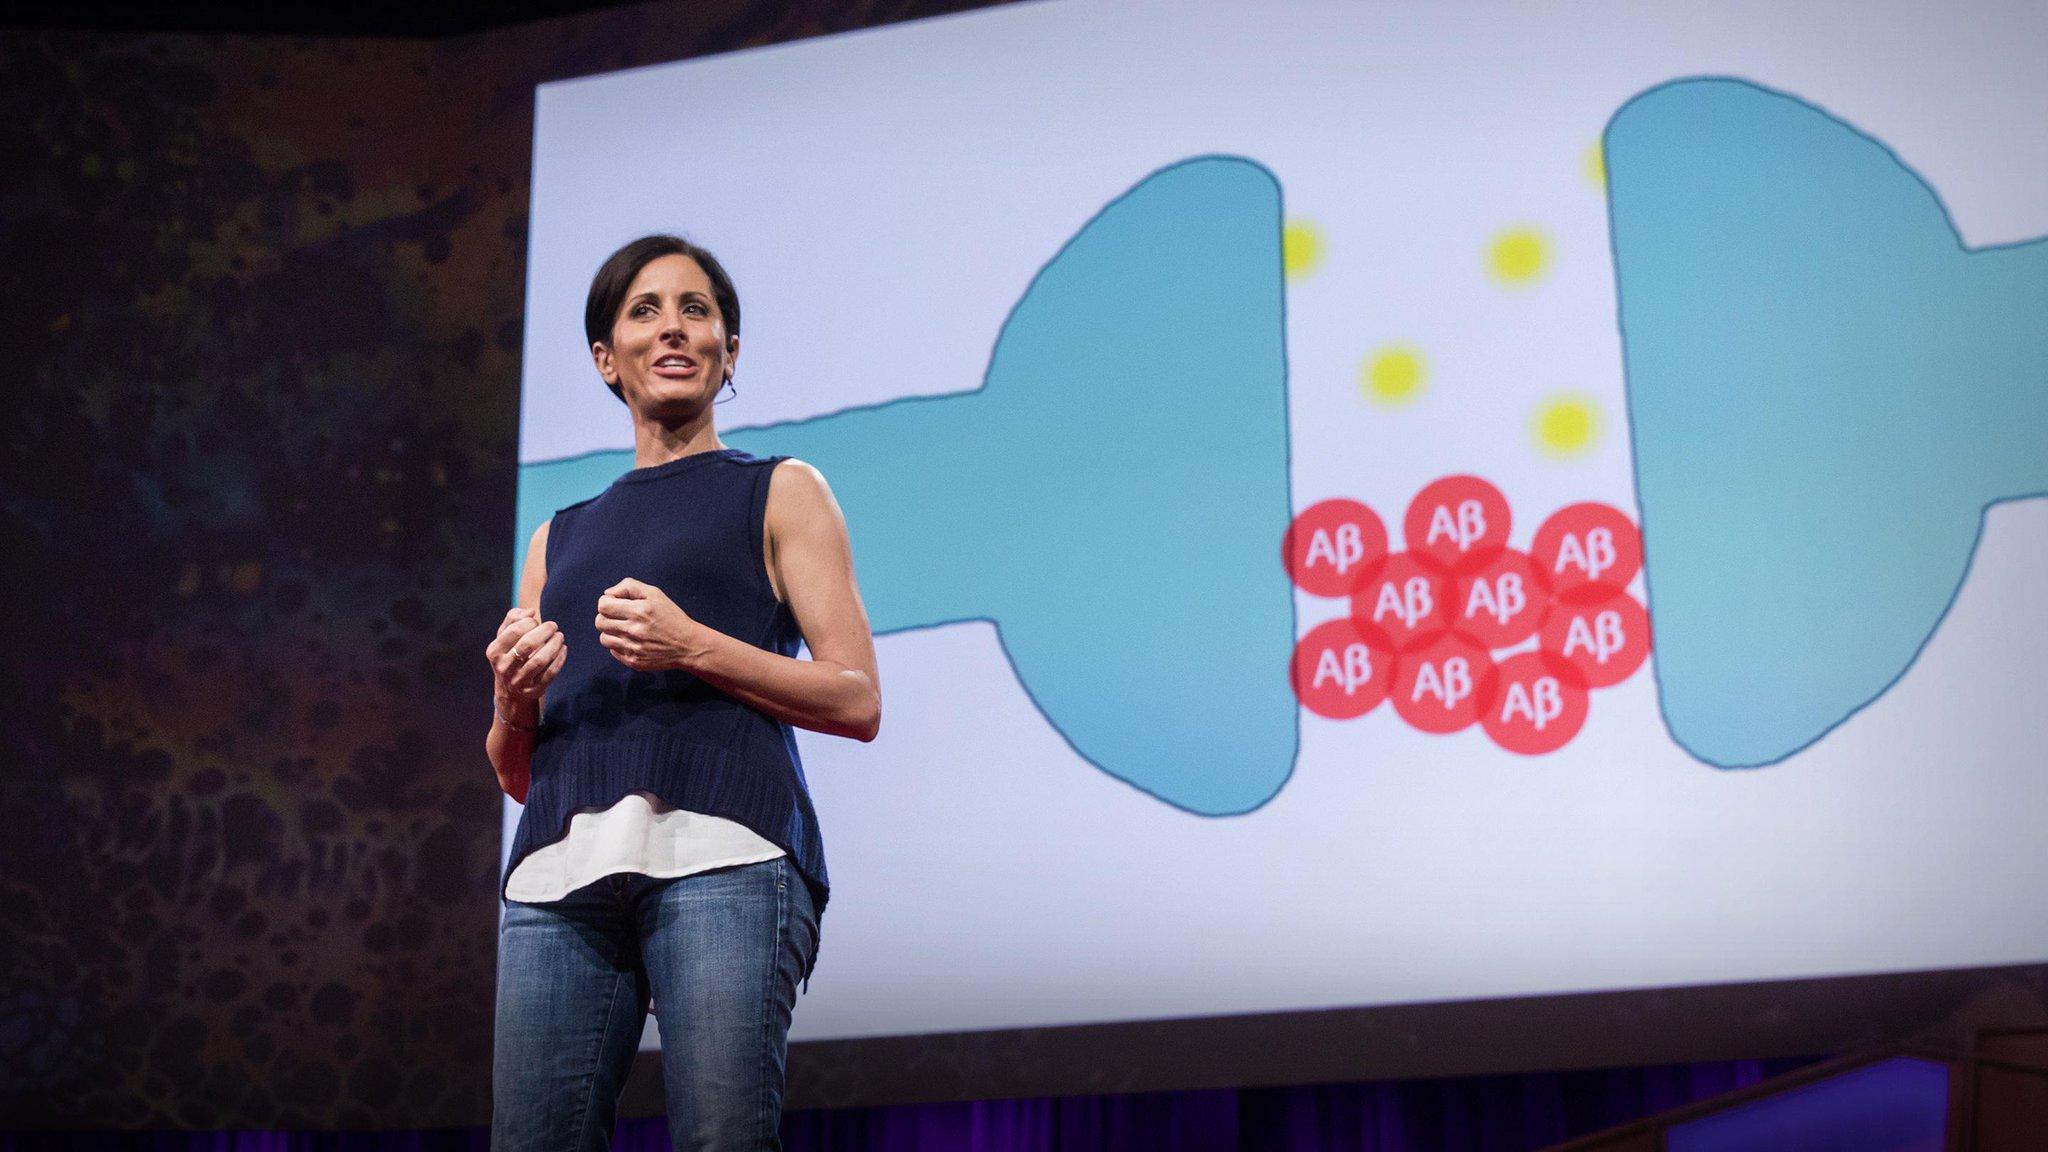 How to build an Alzheimer's-resistant brain: https://t.co/AV3PMlQuJB @LisaGenova https://t.co/YdT8GXnQ9S